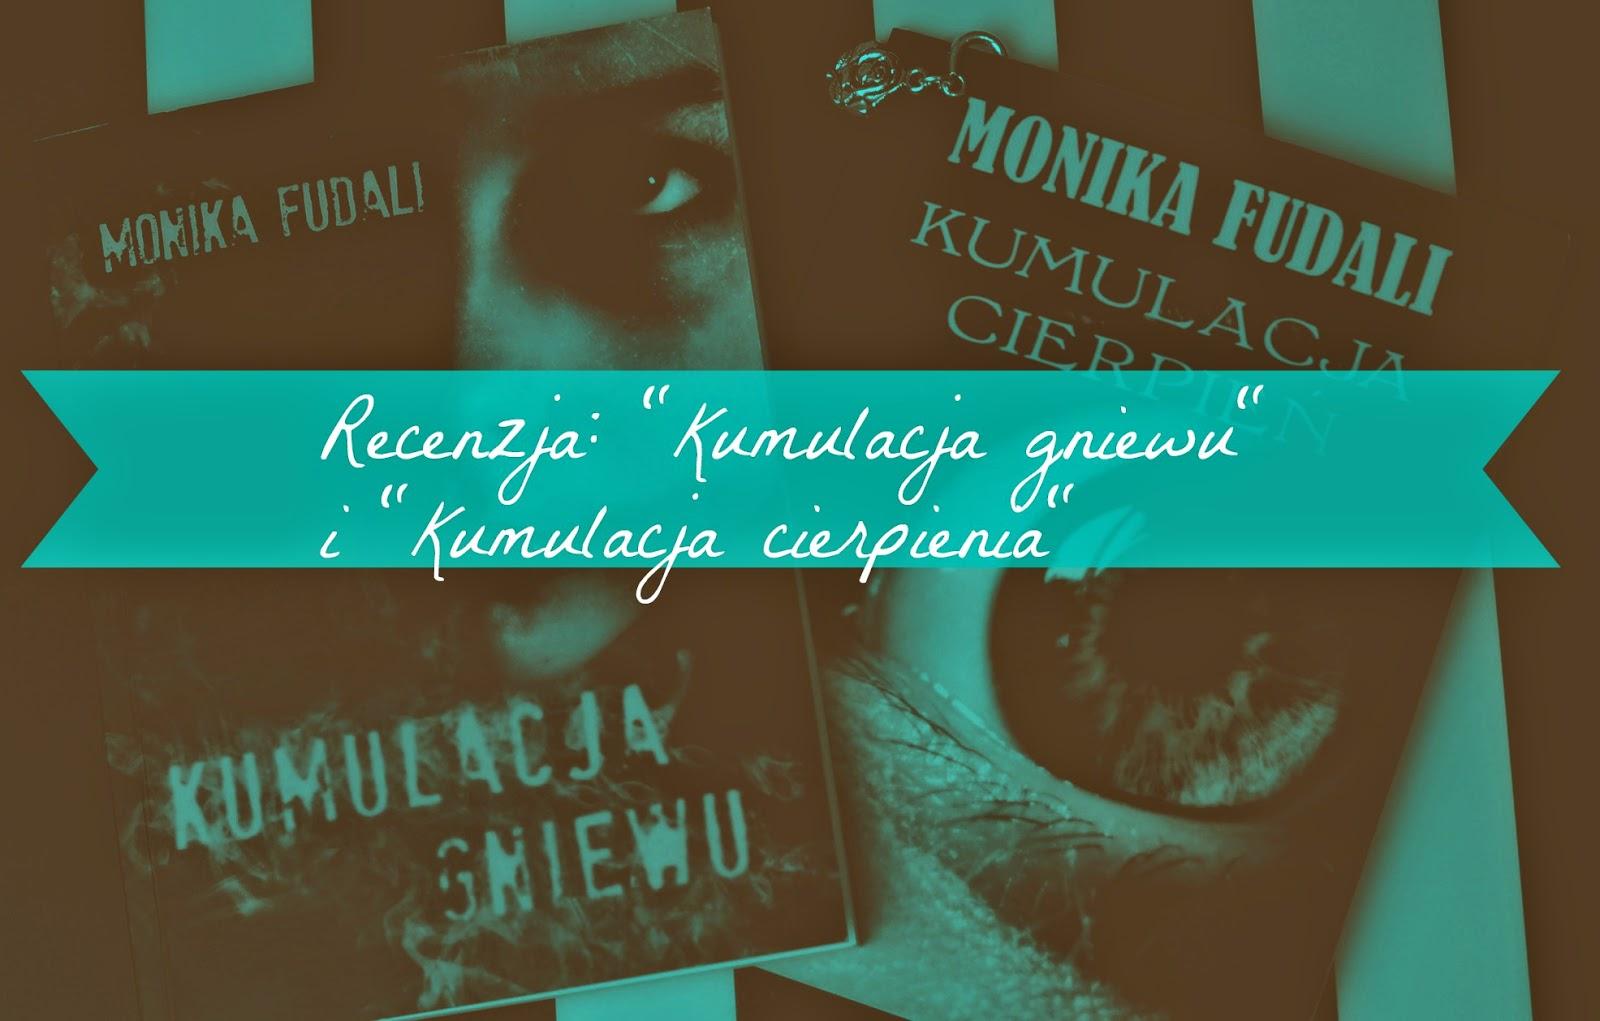 7340be50 a n t y m a t e r i a: Recenzja książek Moniki Fudali: Kumulacja ...